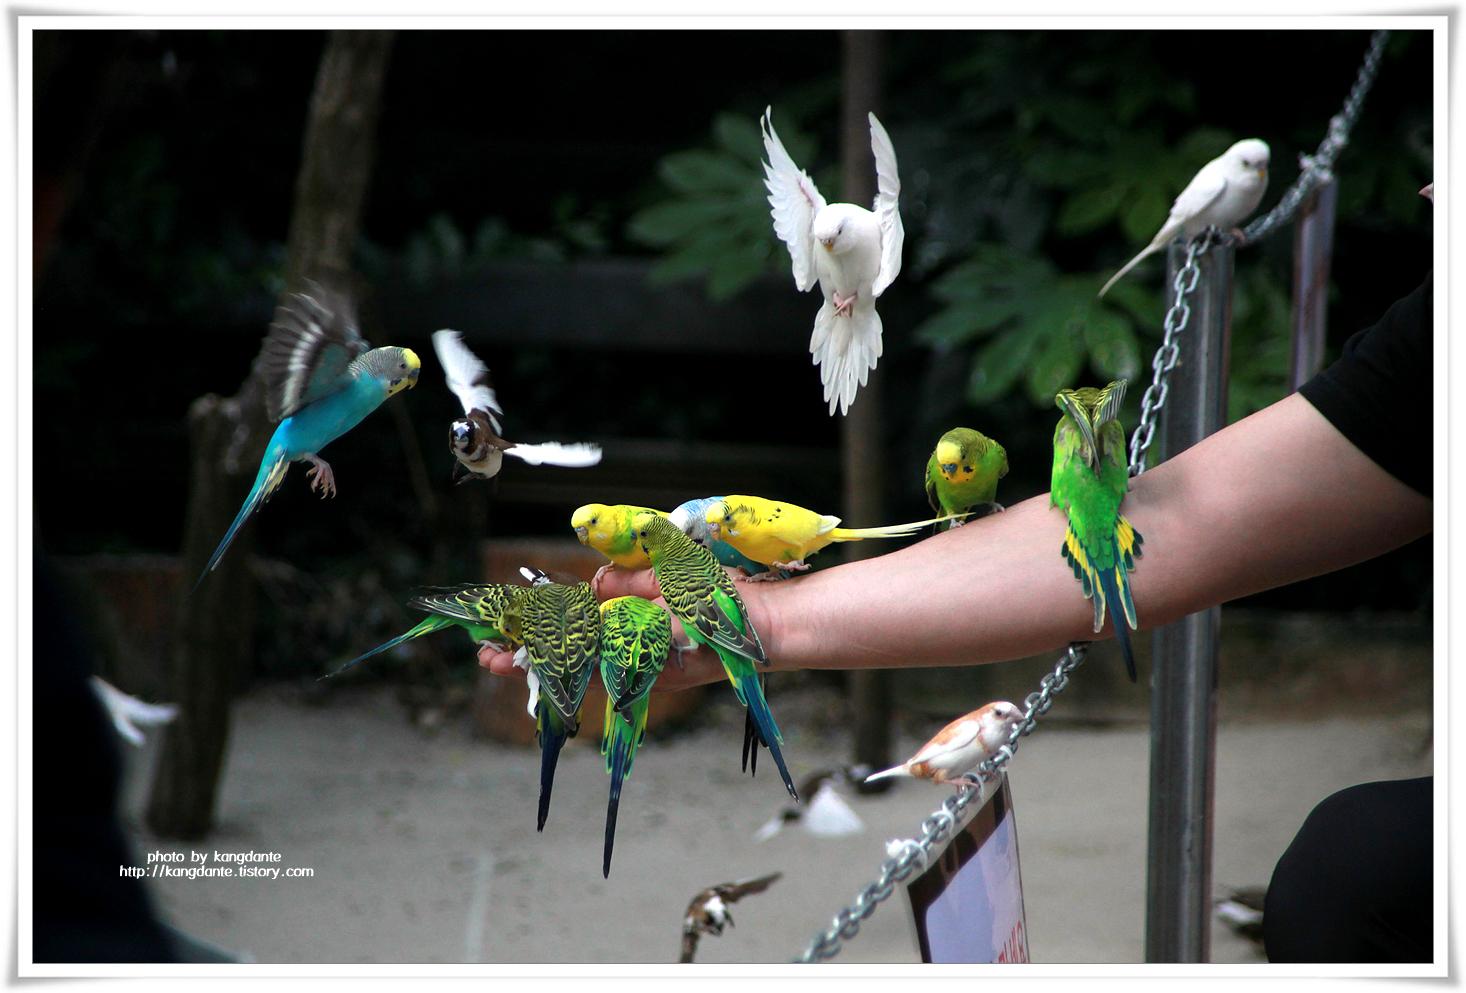 퍼스트가든에서 새들과 교감할 수 있는 새 모이 체험